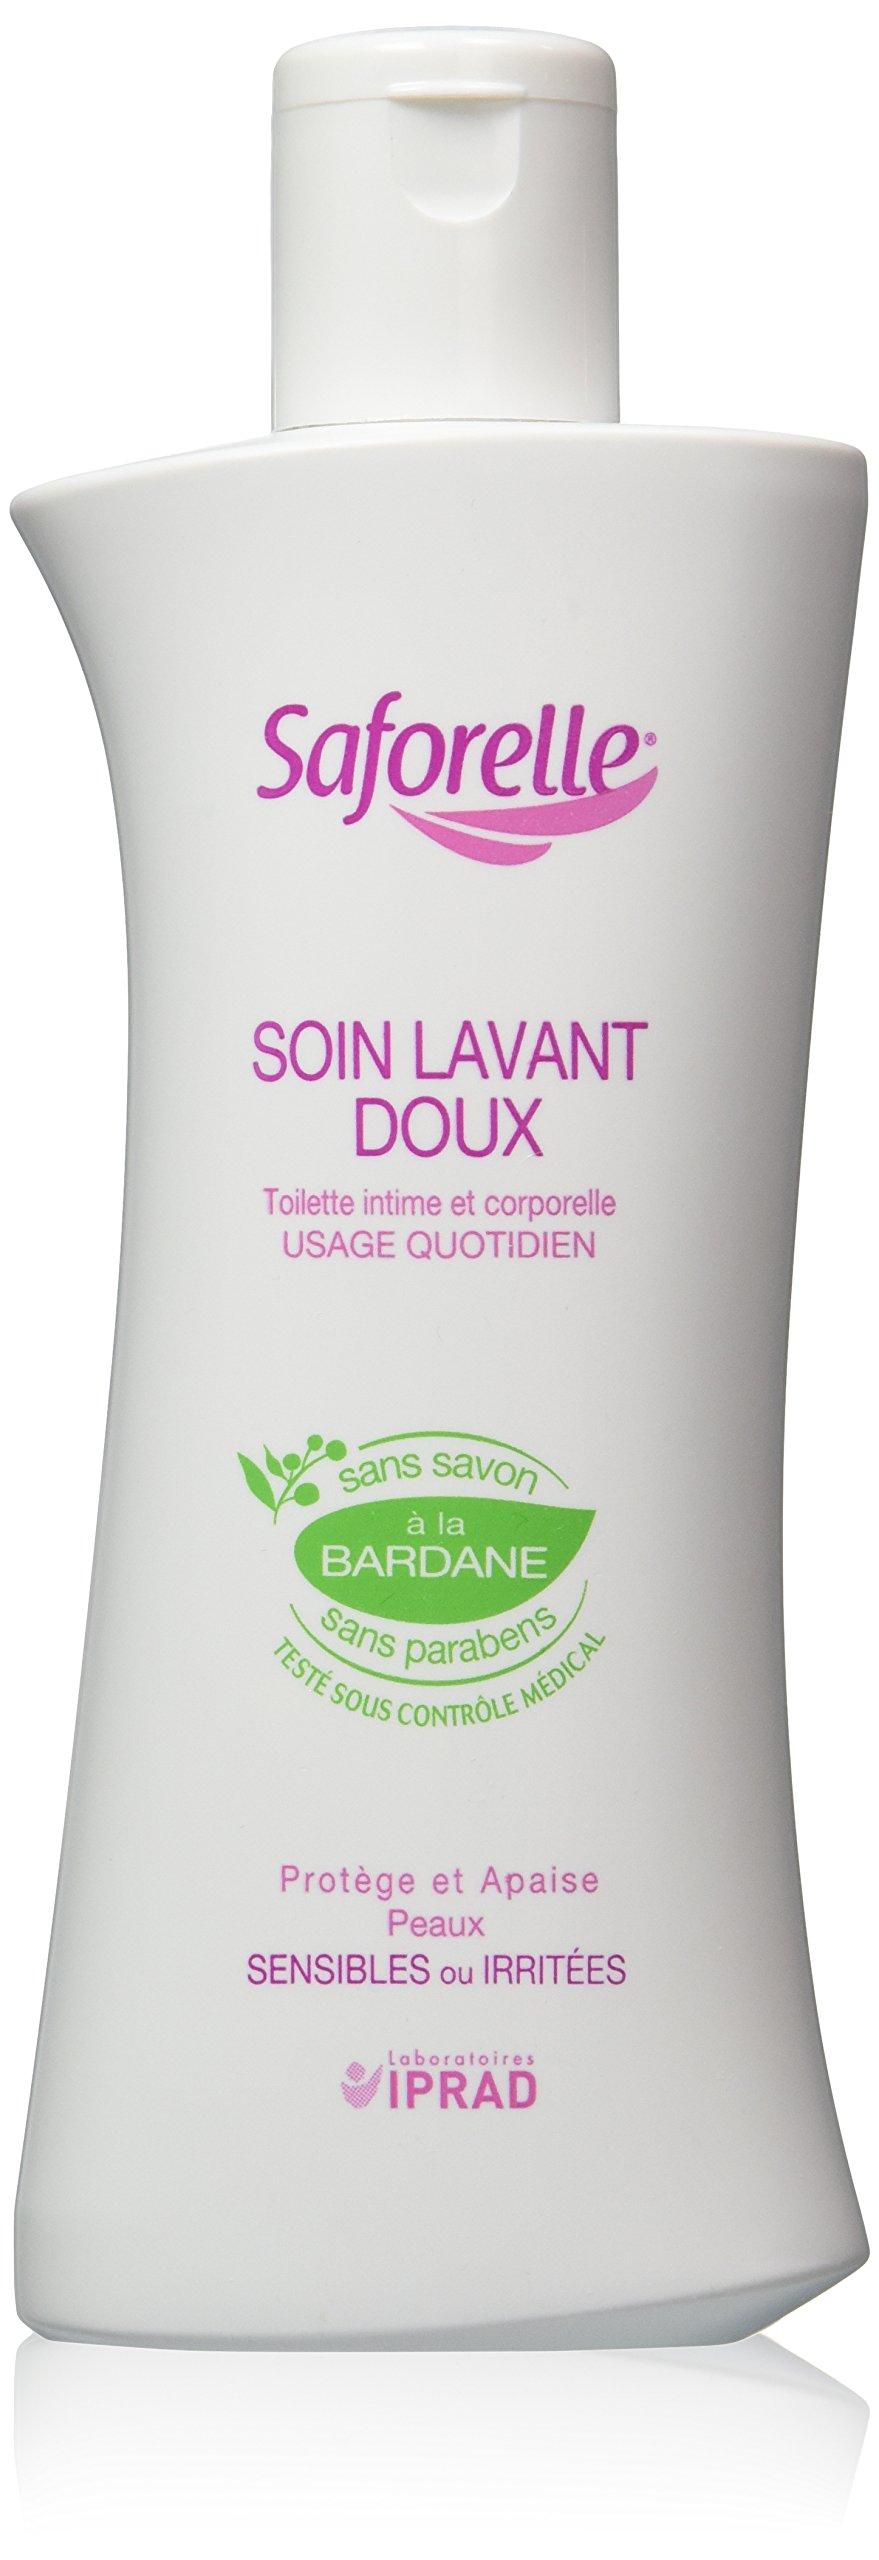 Soin Lavant Doux Lot de 2 x 250ml Saforelle